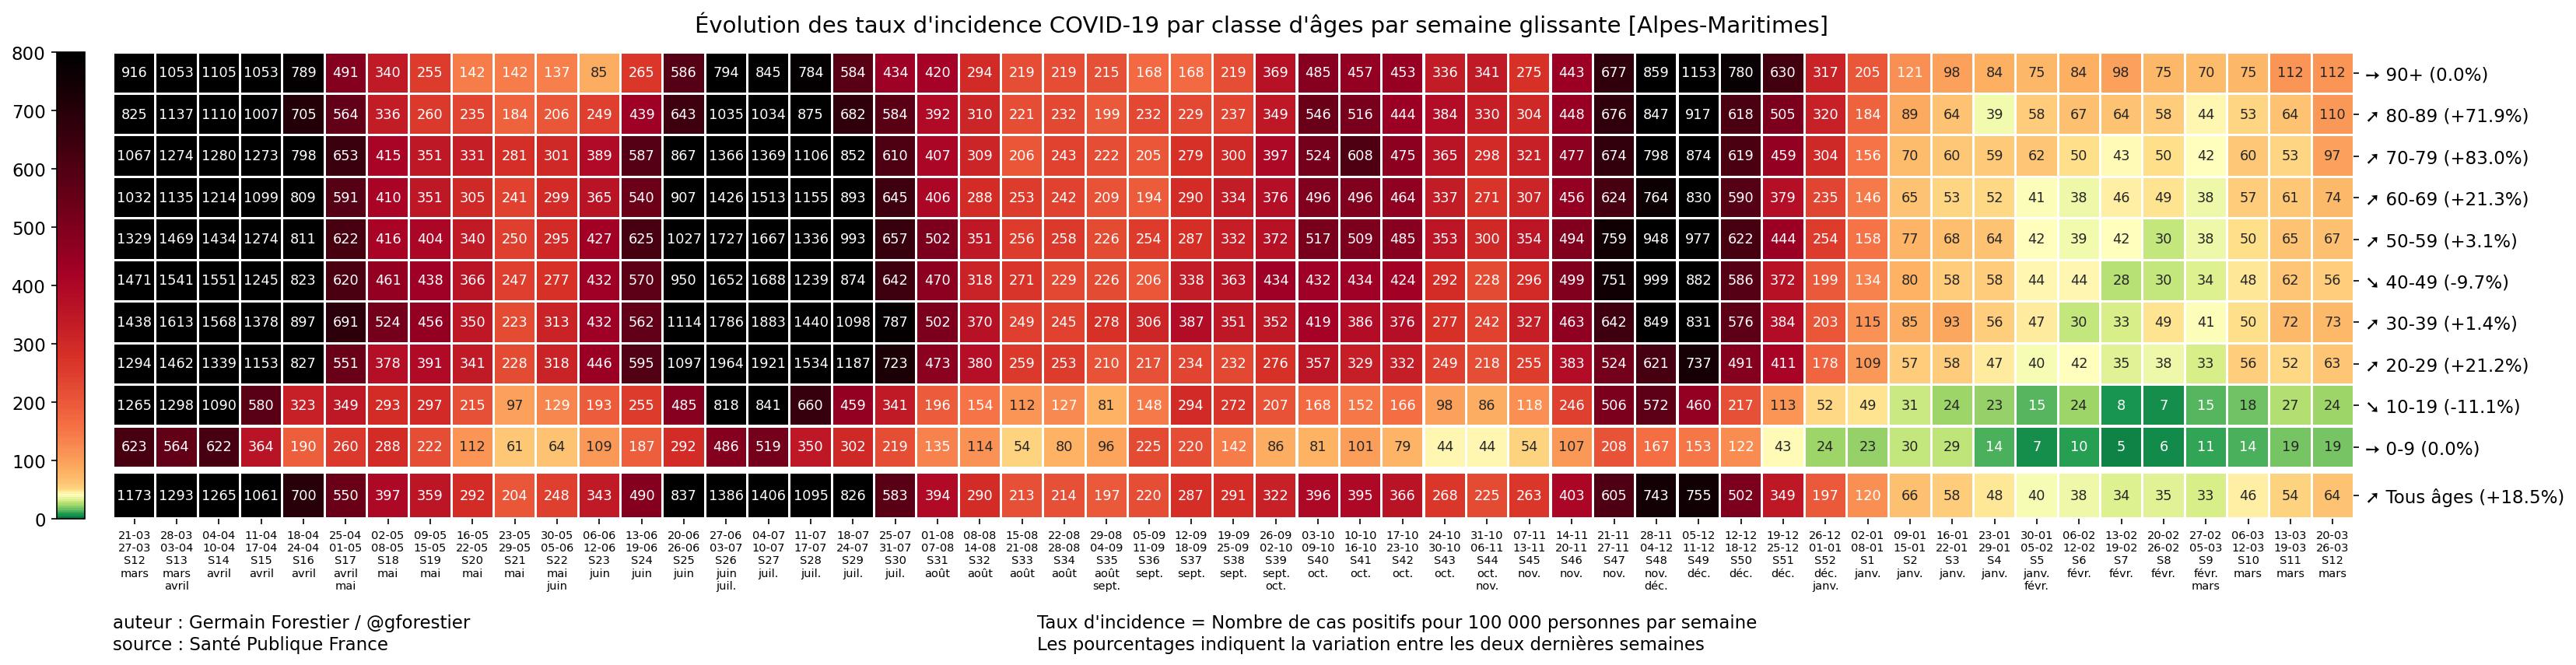 Le coronavirus COVID-19 - Infos, évolution et conséquences - Page 5 06_Alpes-Maritimes-heatmap-incid-semaine